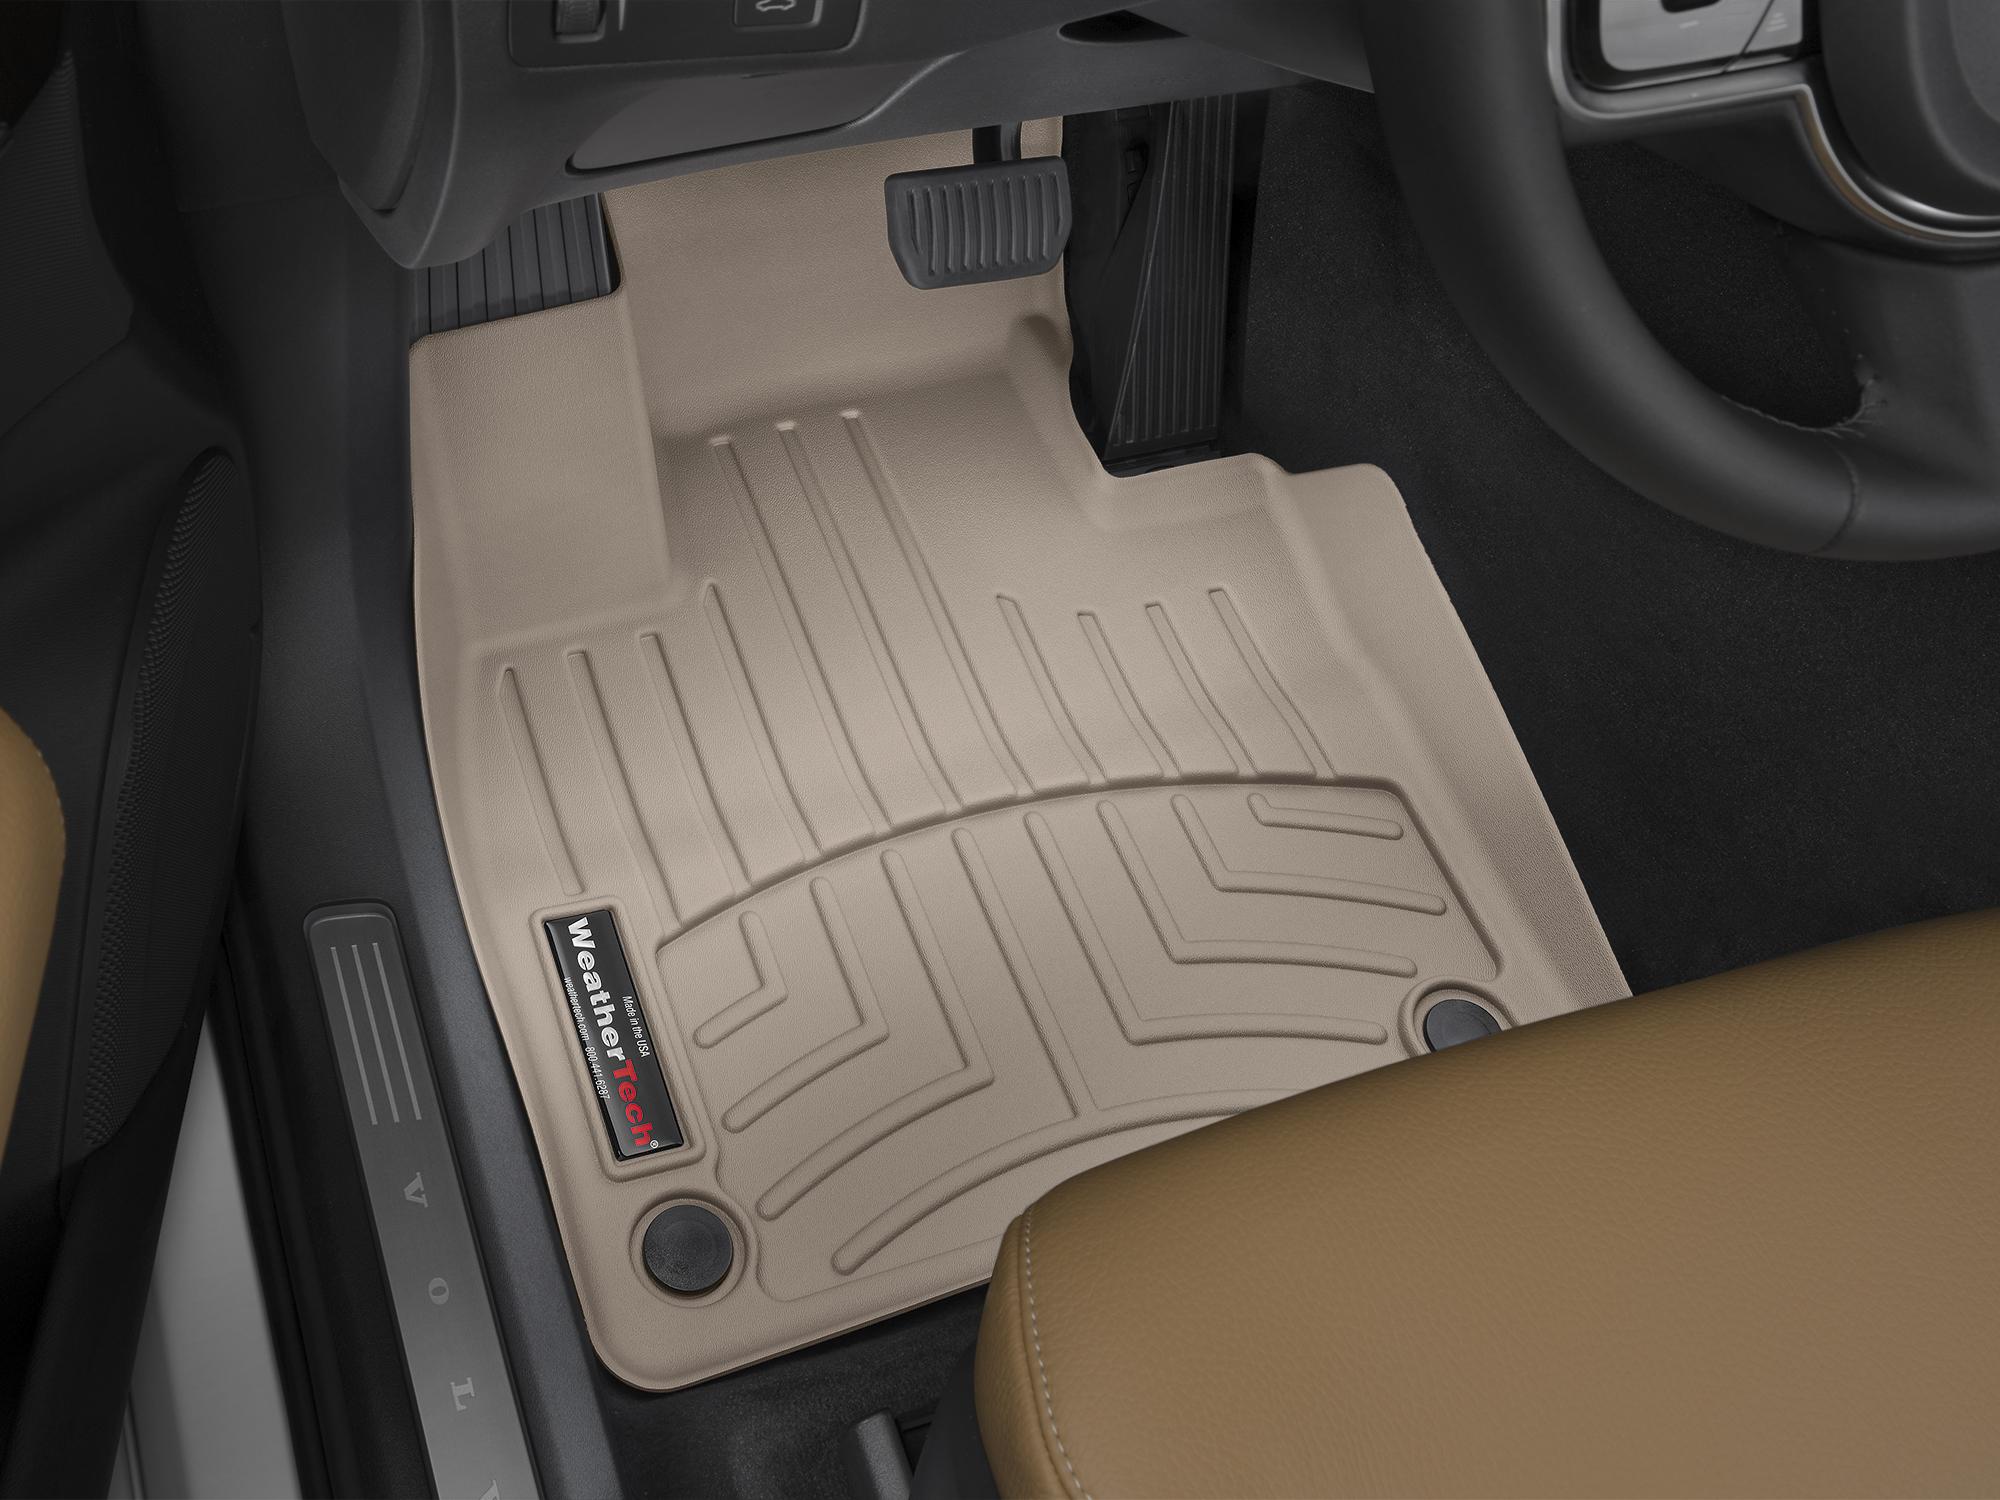 Tappeti gomma su misura bordo alto Volvo XC90 15>17 Marrone A4456*